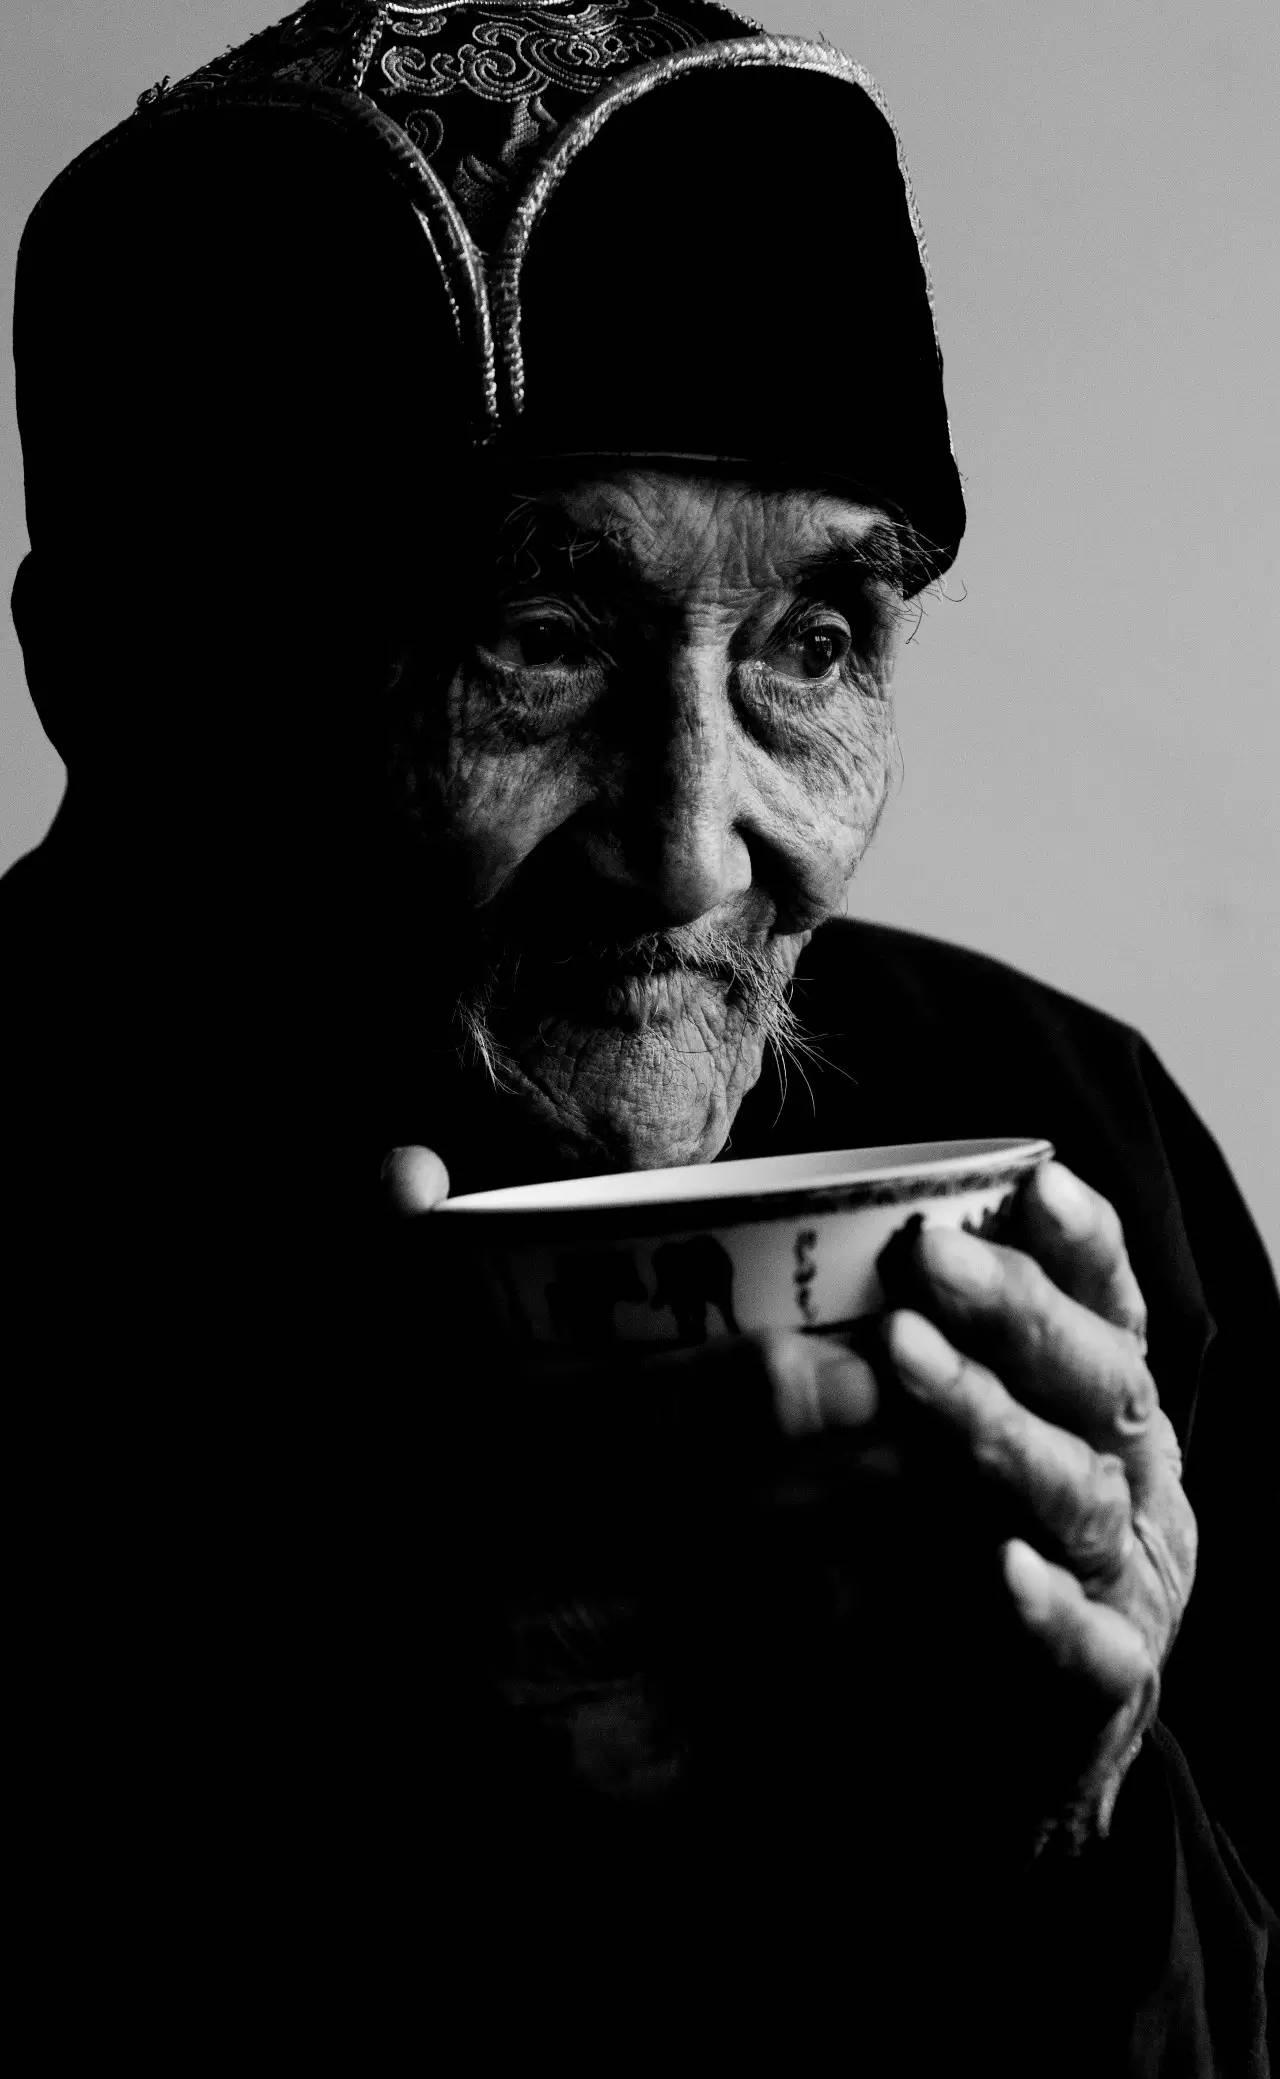 【ANU美图】摄影师吉雅:传统蒙古族牧民黑白纪实作品欣赏 第1张